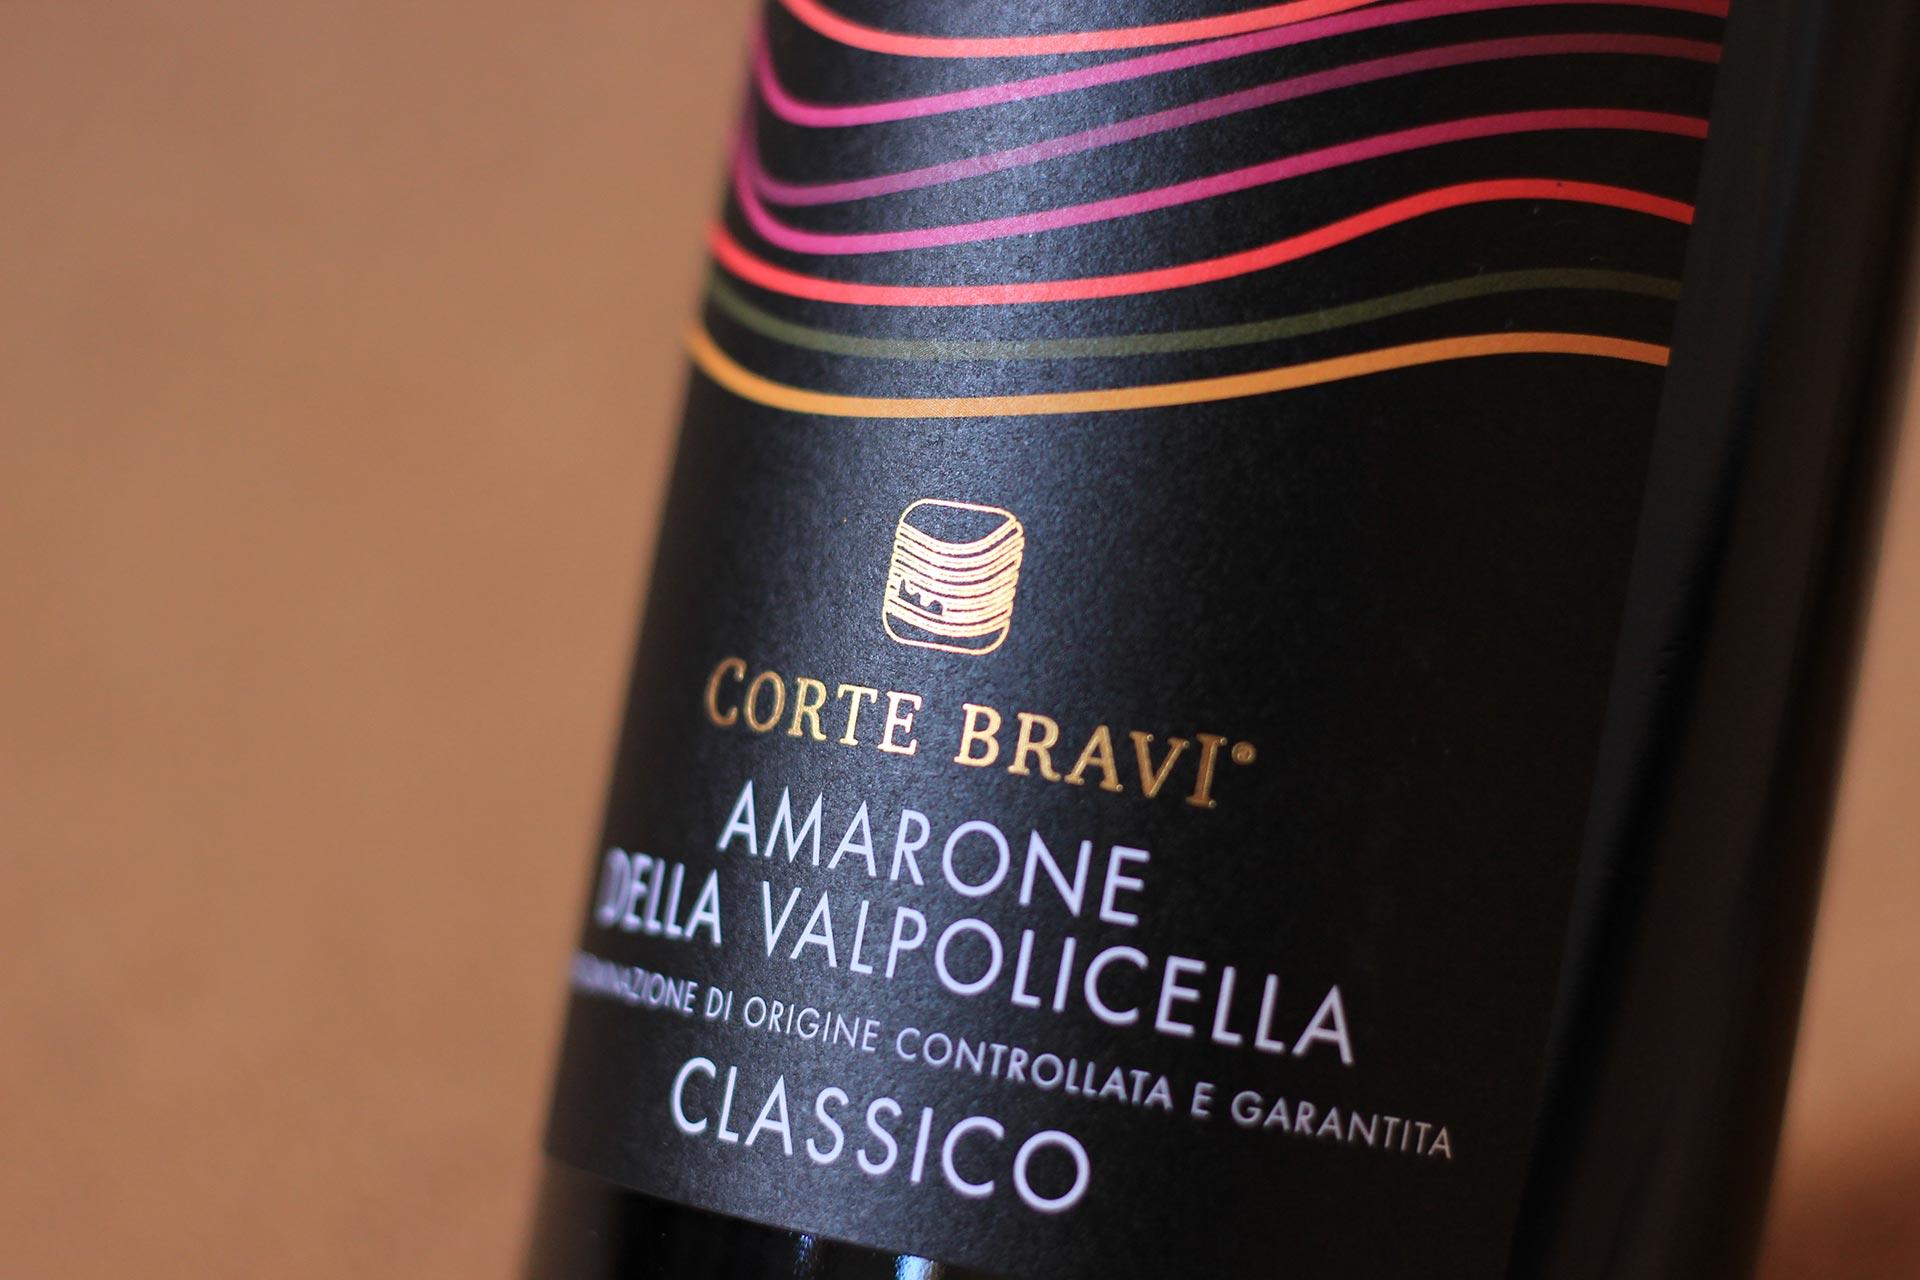 Corte Bravi Amarone Label